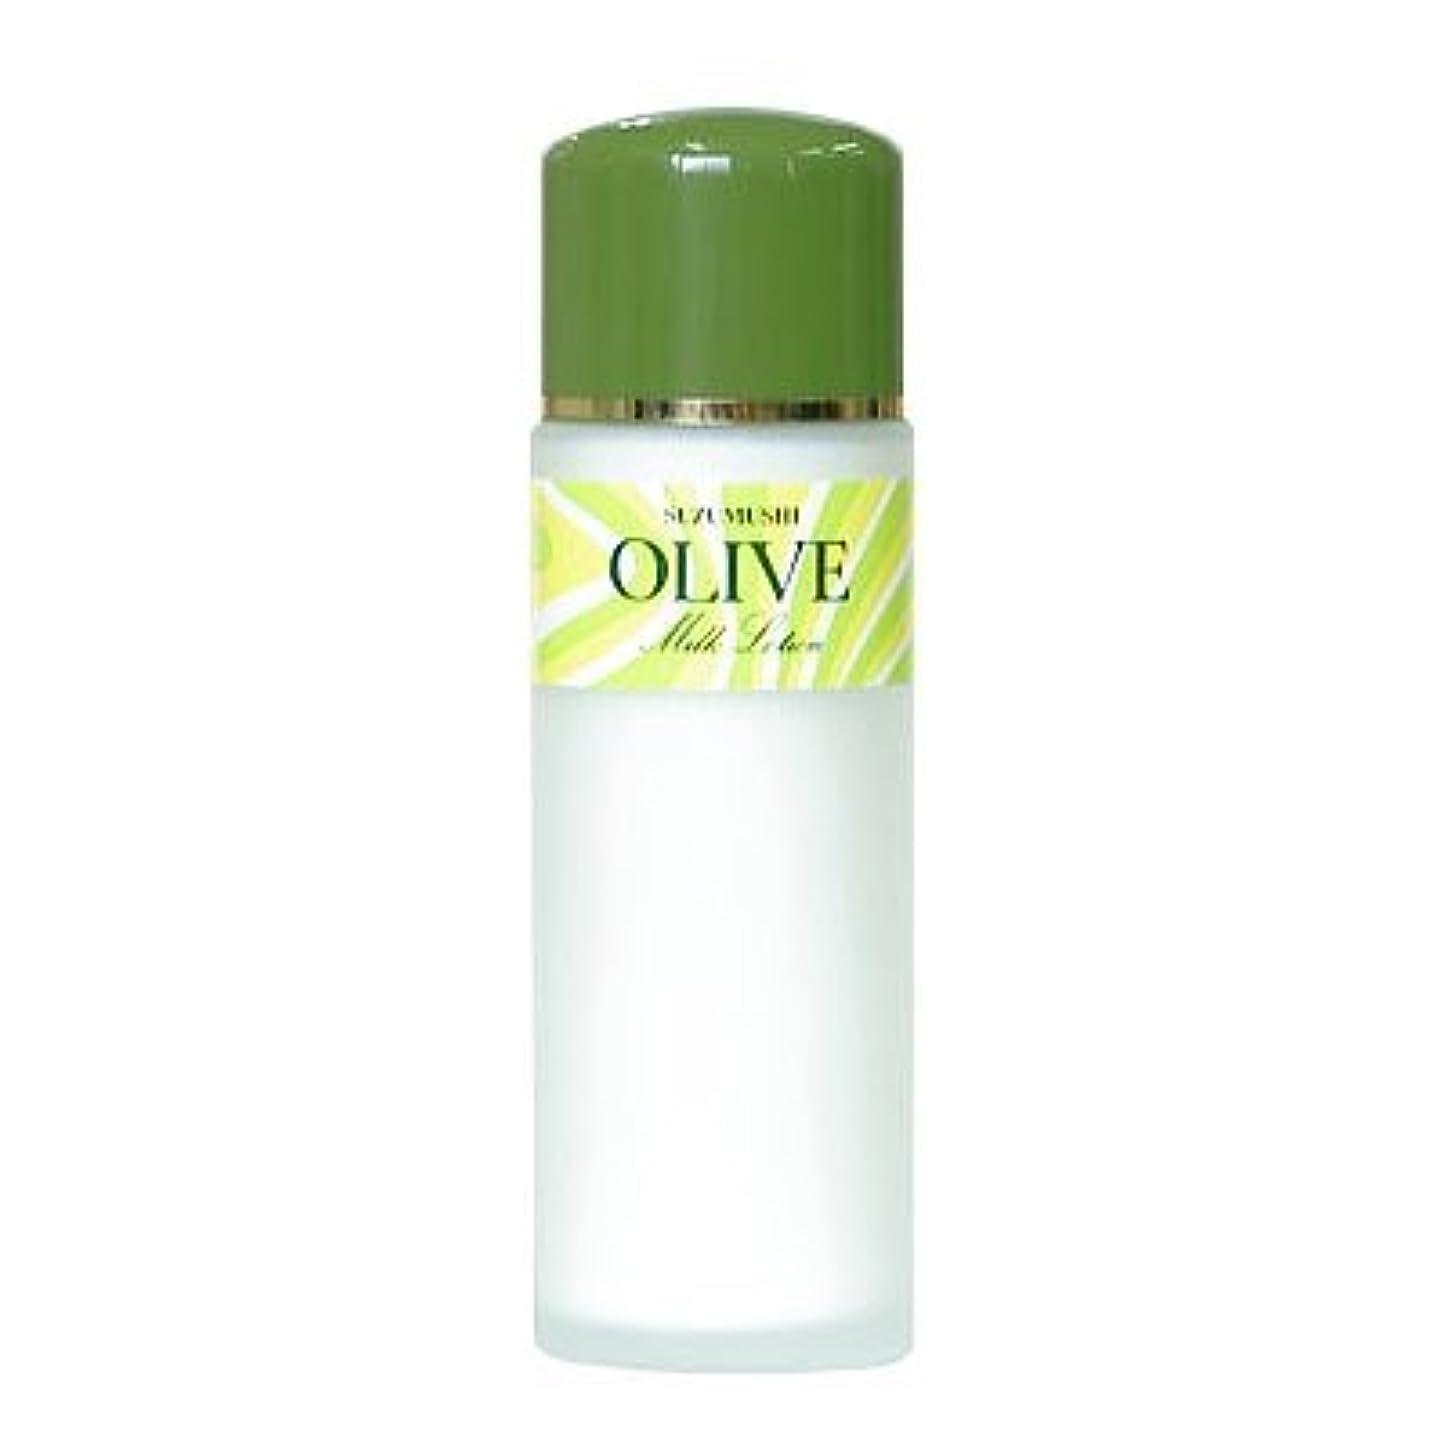 第二に私たちのものコンプライアンス鈴虫化粧品 オリーブミルクローション120ml